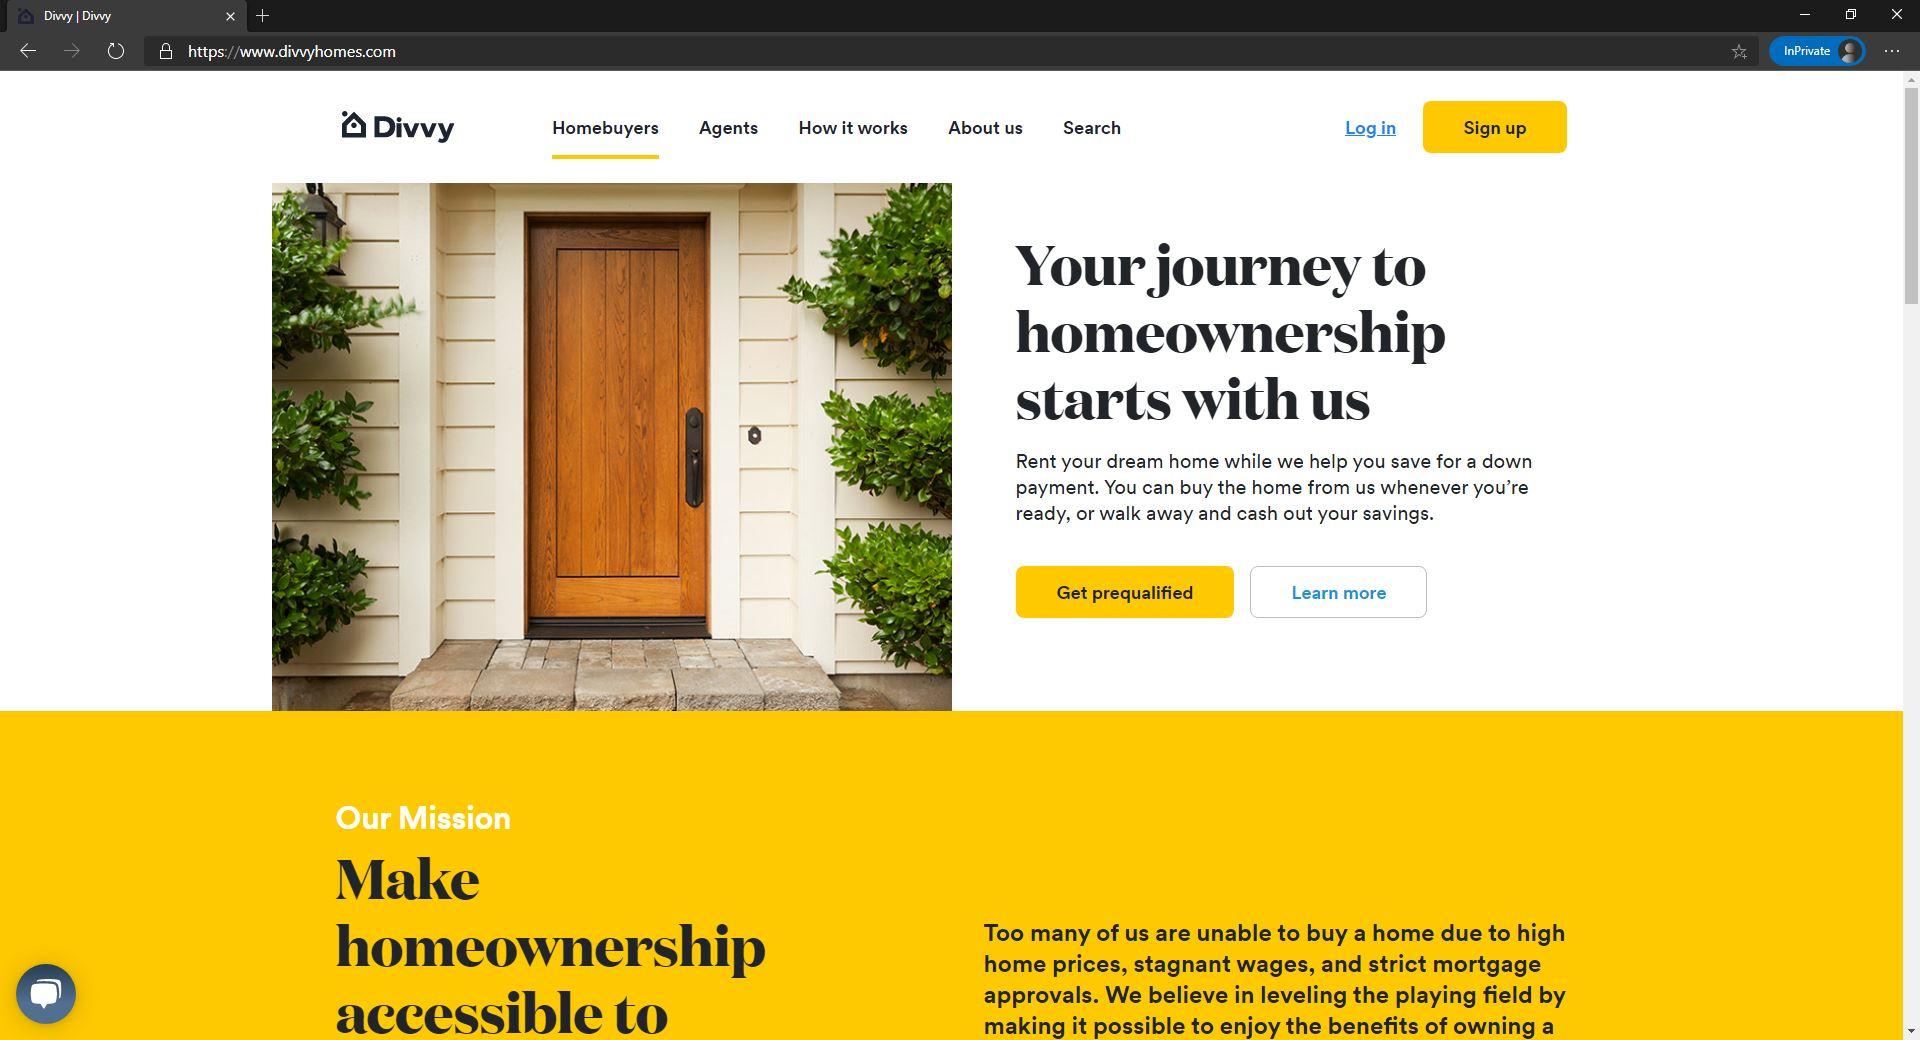 Divvy Homes website